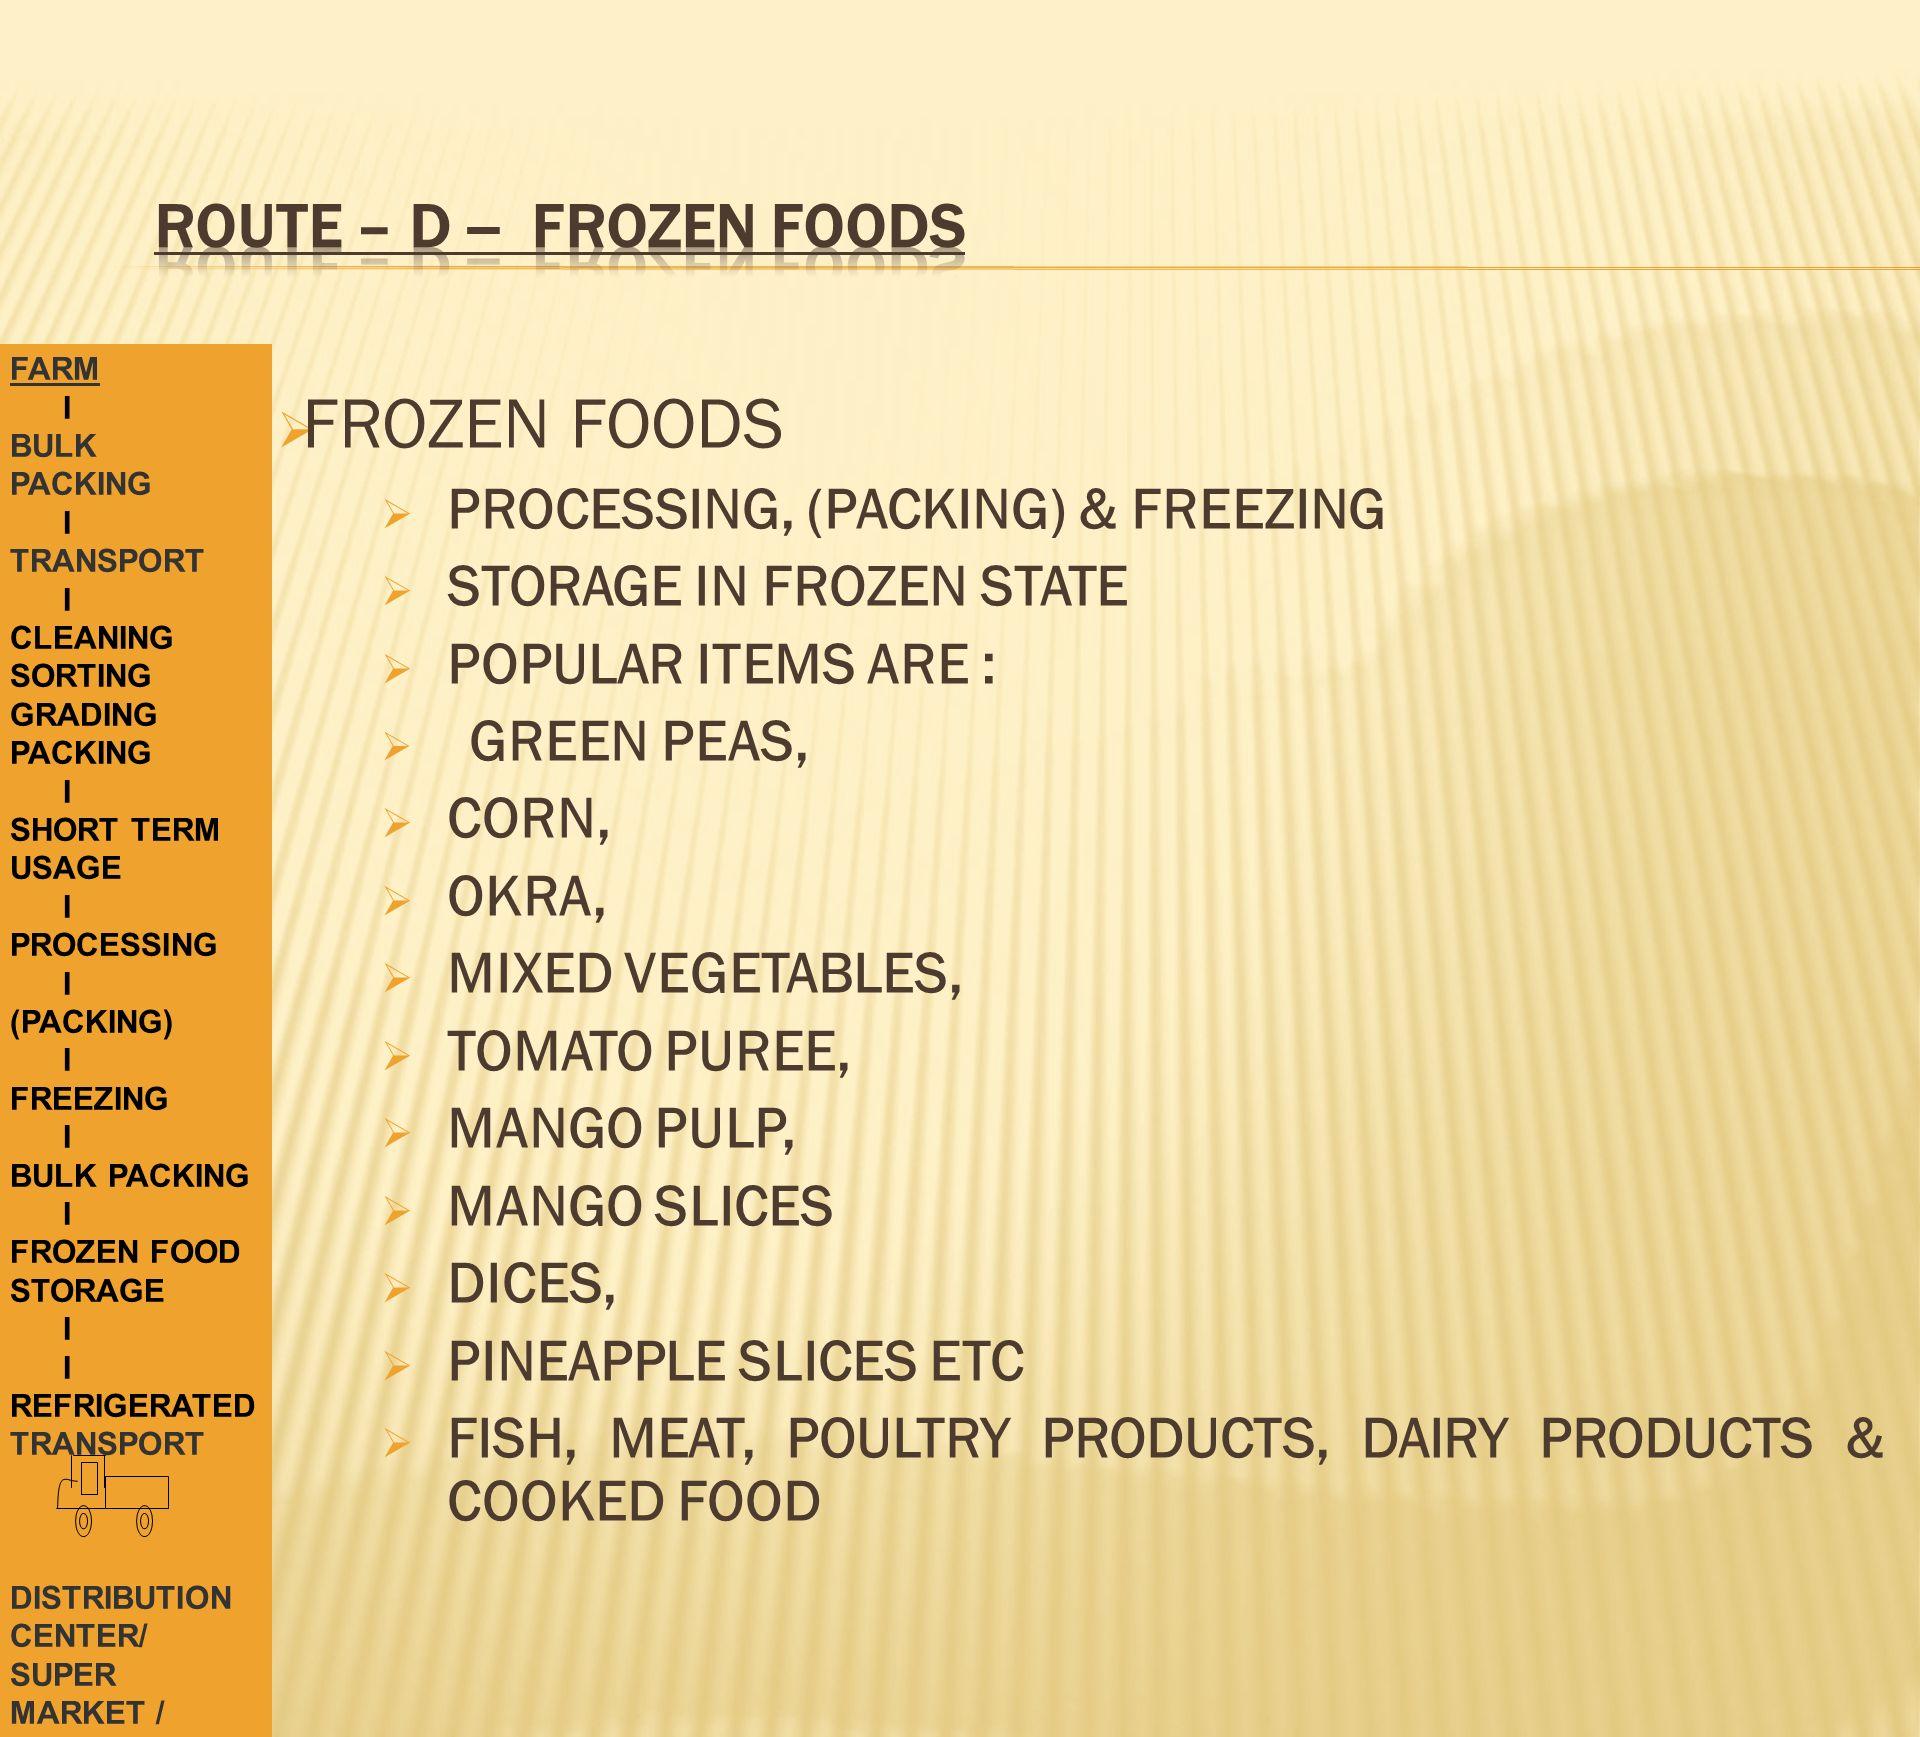 ROUTE – D -- FROZEN FOODS